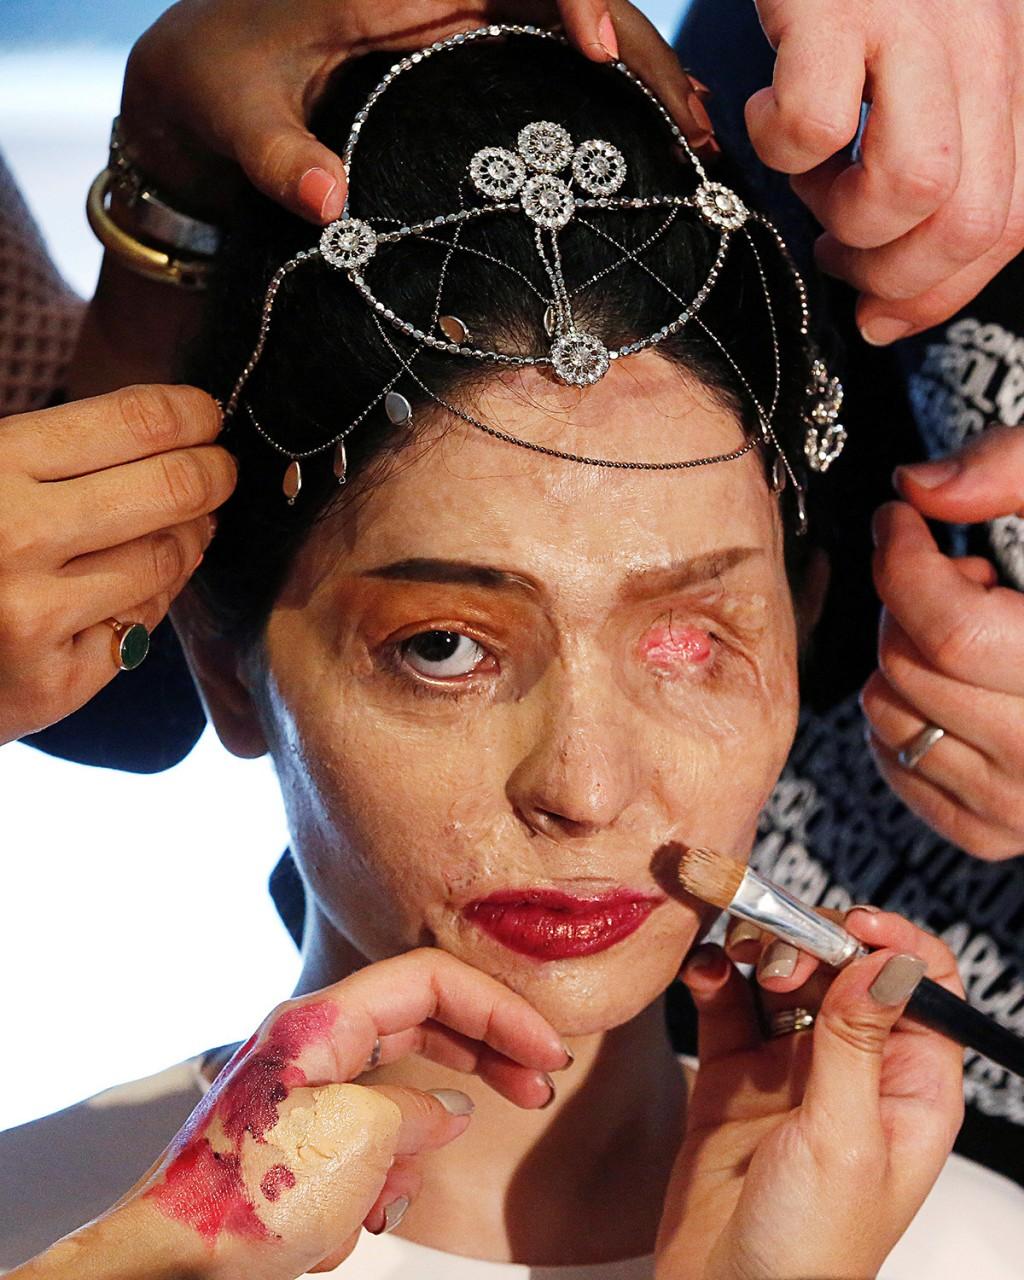 Model dari India Reshma Quereshi mangsa terkena Asid di wajah. - Lucas Jackson / Reuters